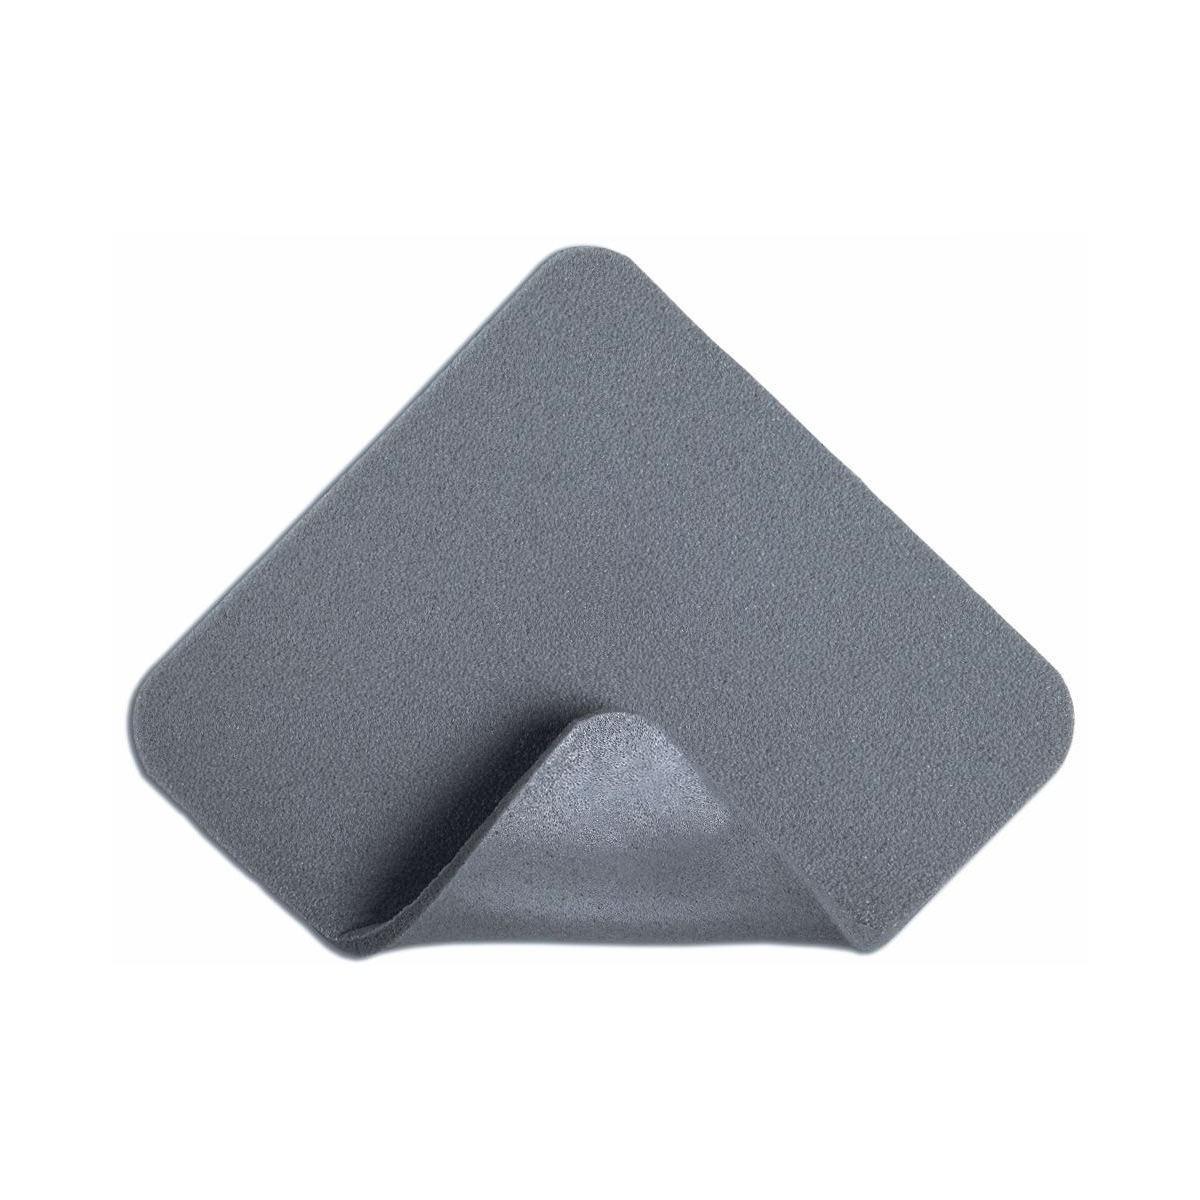 Mepilex Ag / Мепилекс Аг - сорбционная повязка с серебром стерильная 17,5 х 17,5 см